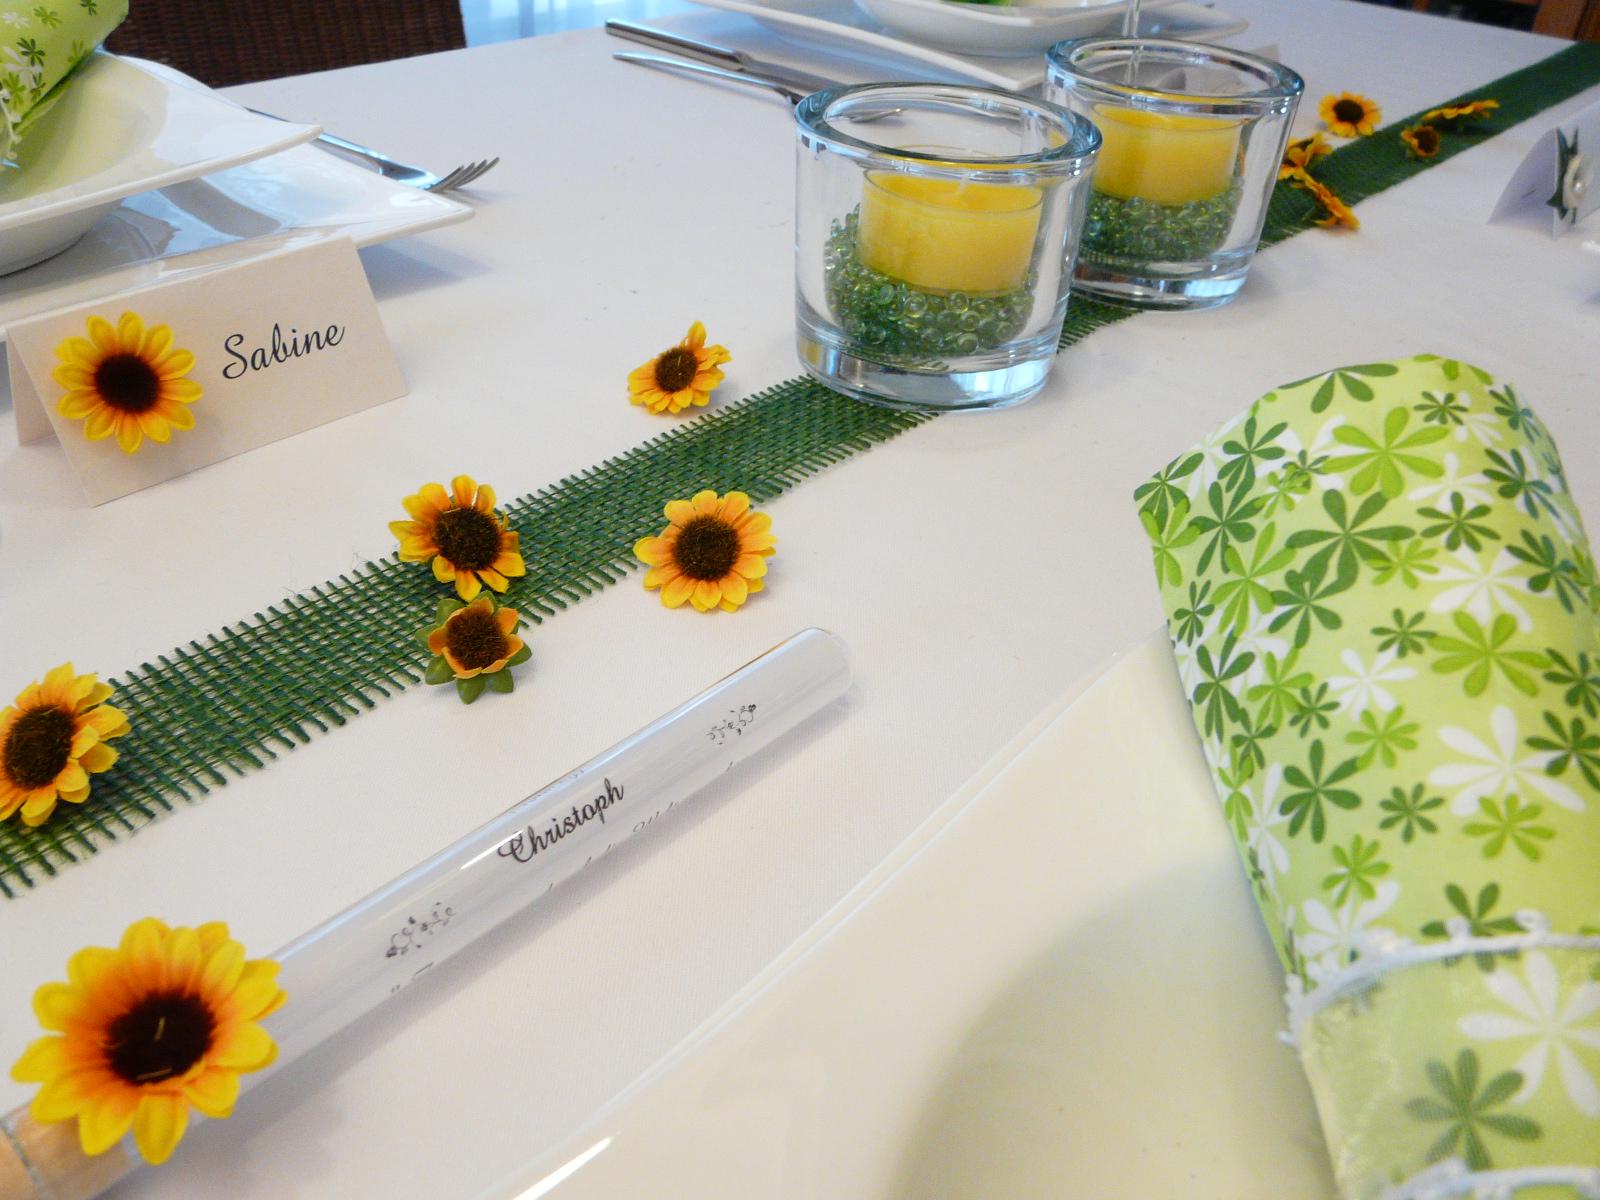 streudeko tischdekoration 12 sonnenblumen zum streuen. Black Bedroom Furniture Sets. Home Design Ideas